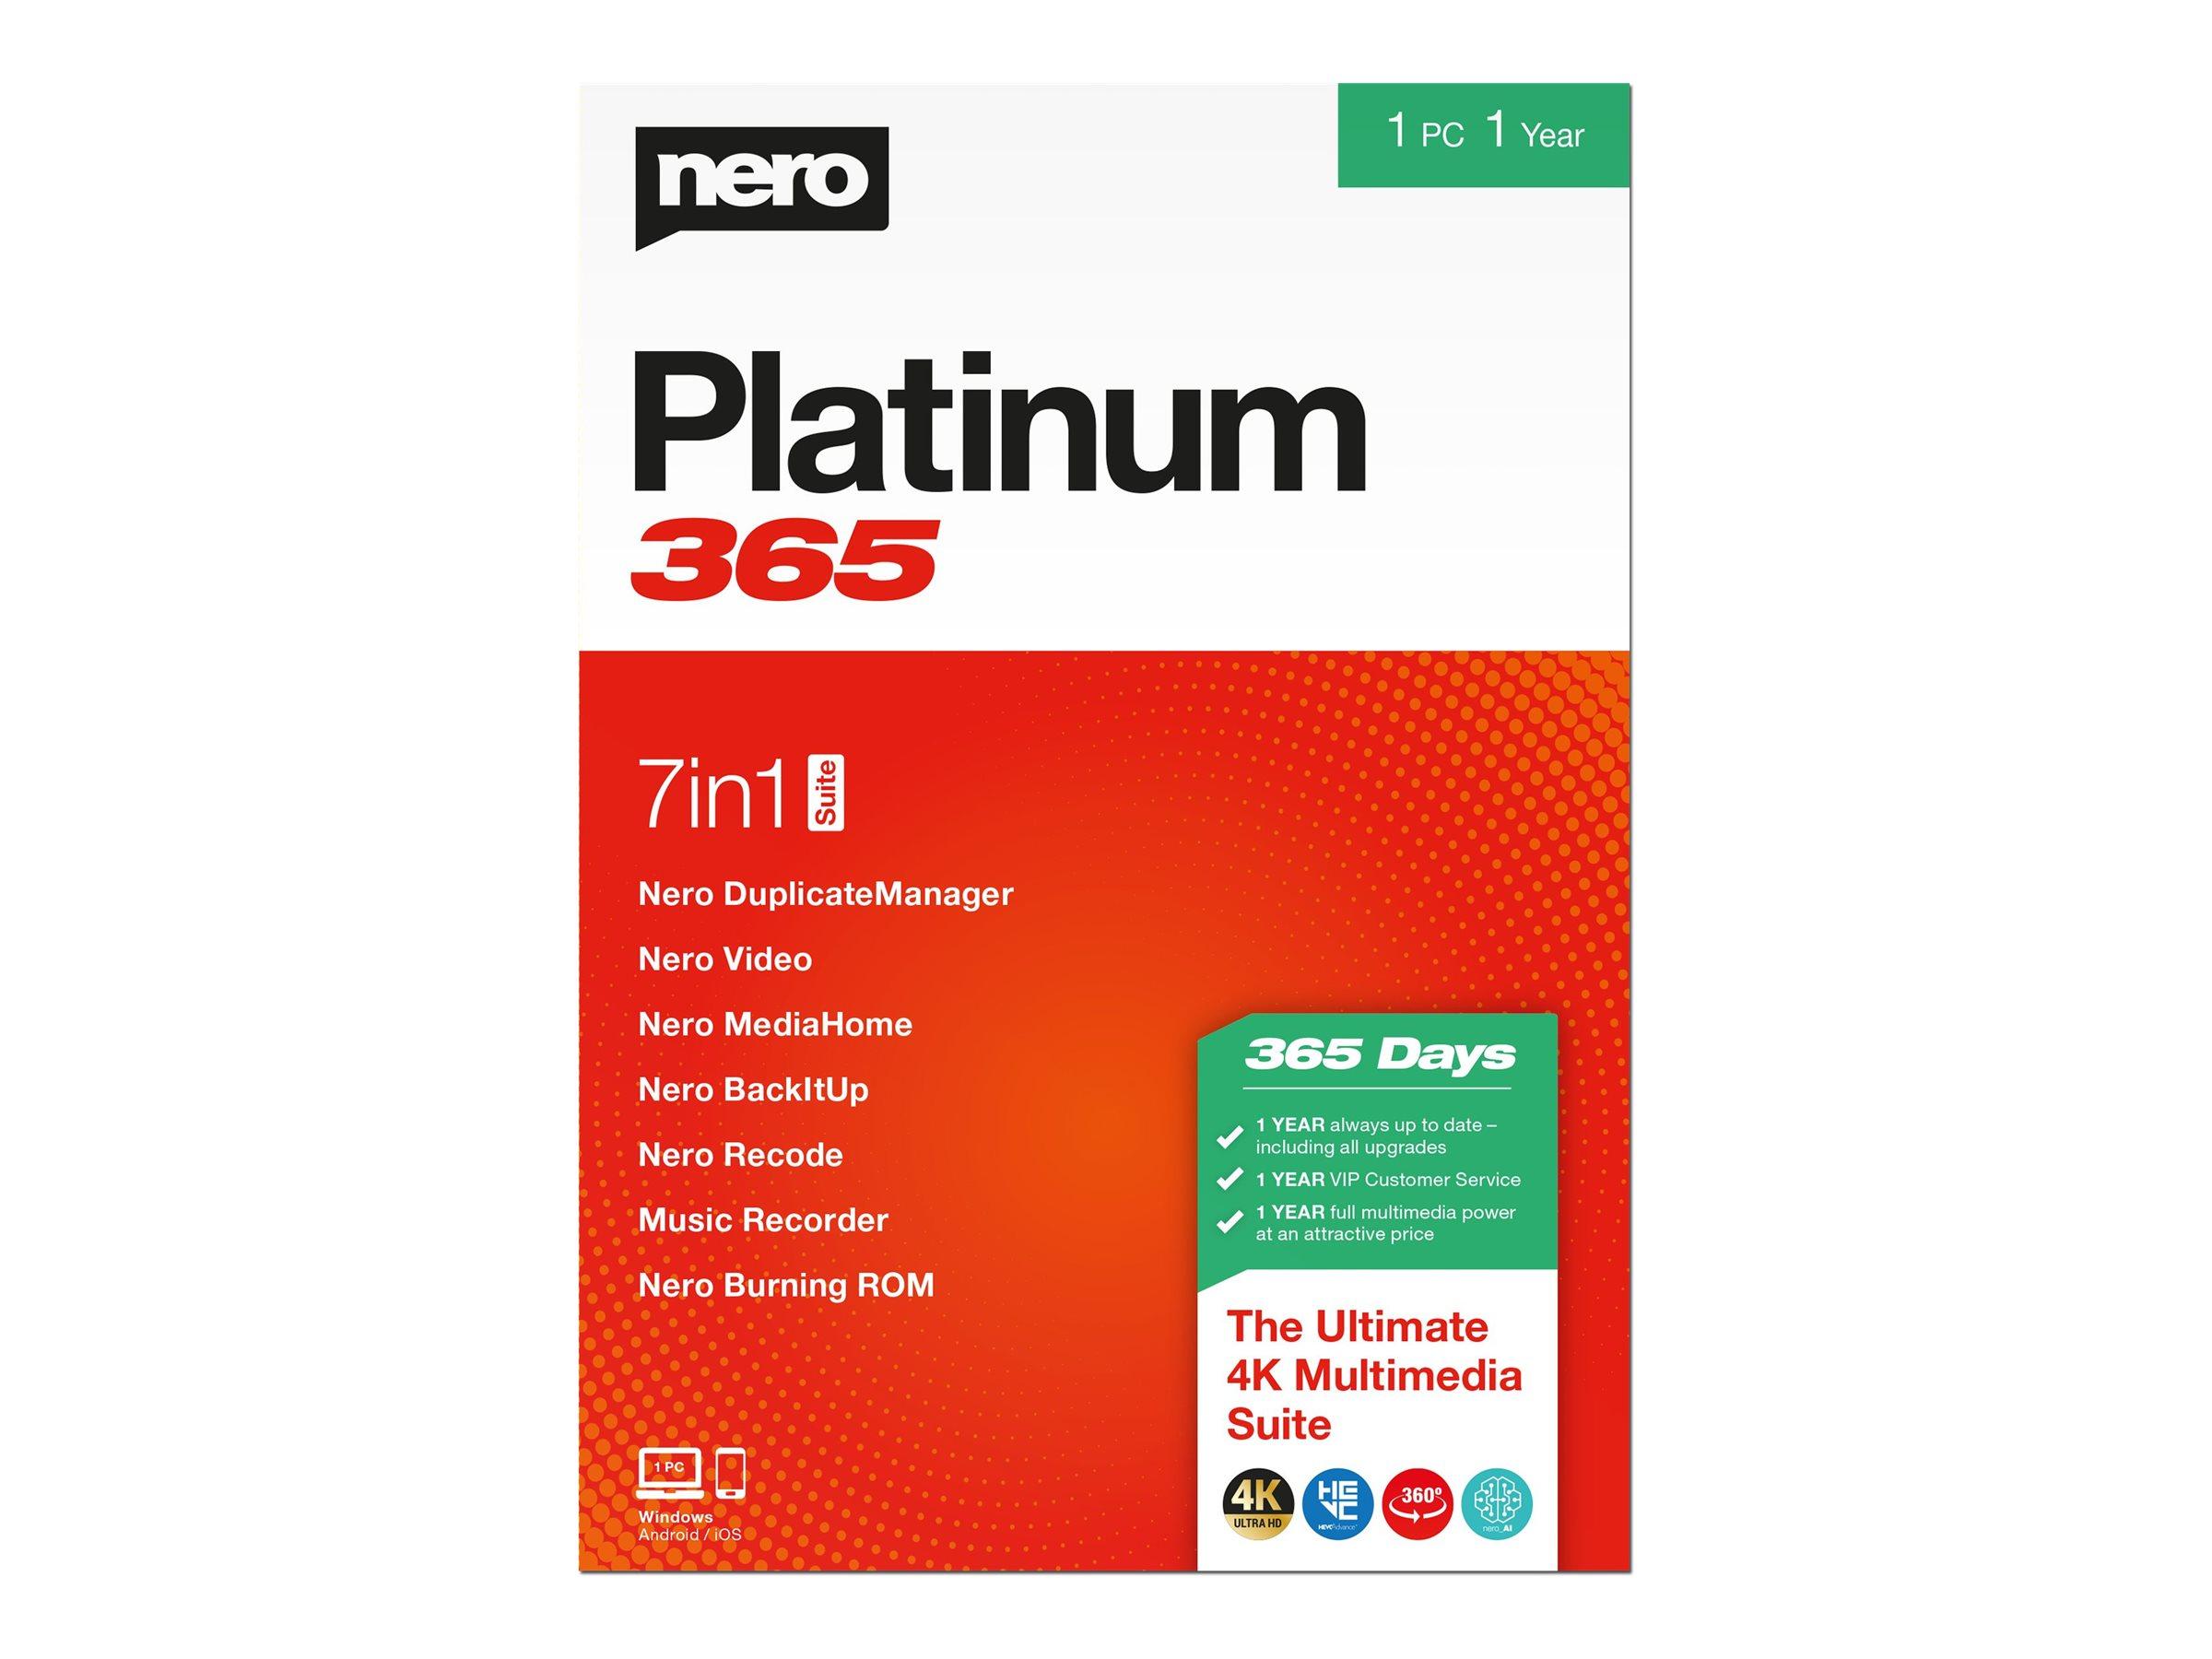 Nero Platinum 365 - Box-Pack (1 Jahr) - 1 PC - CD (Mini-Box)